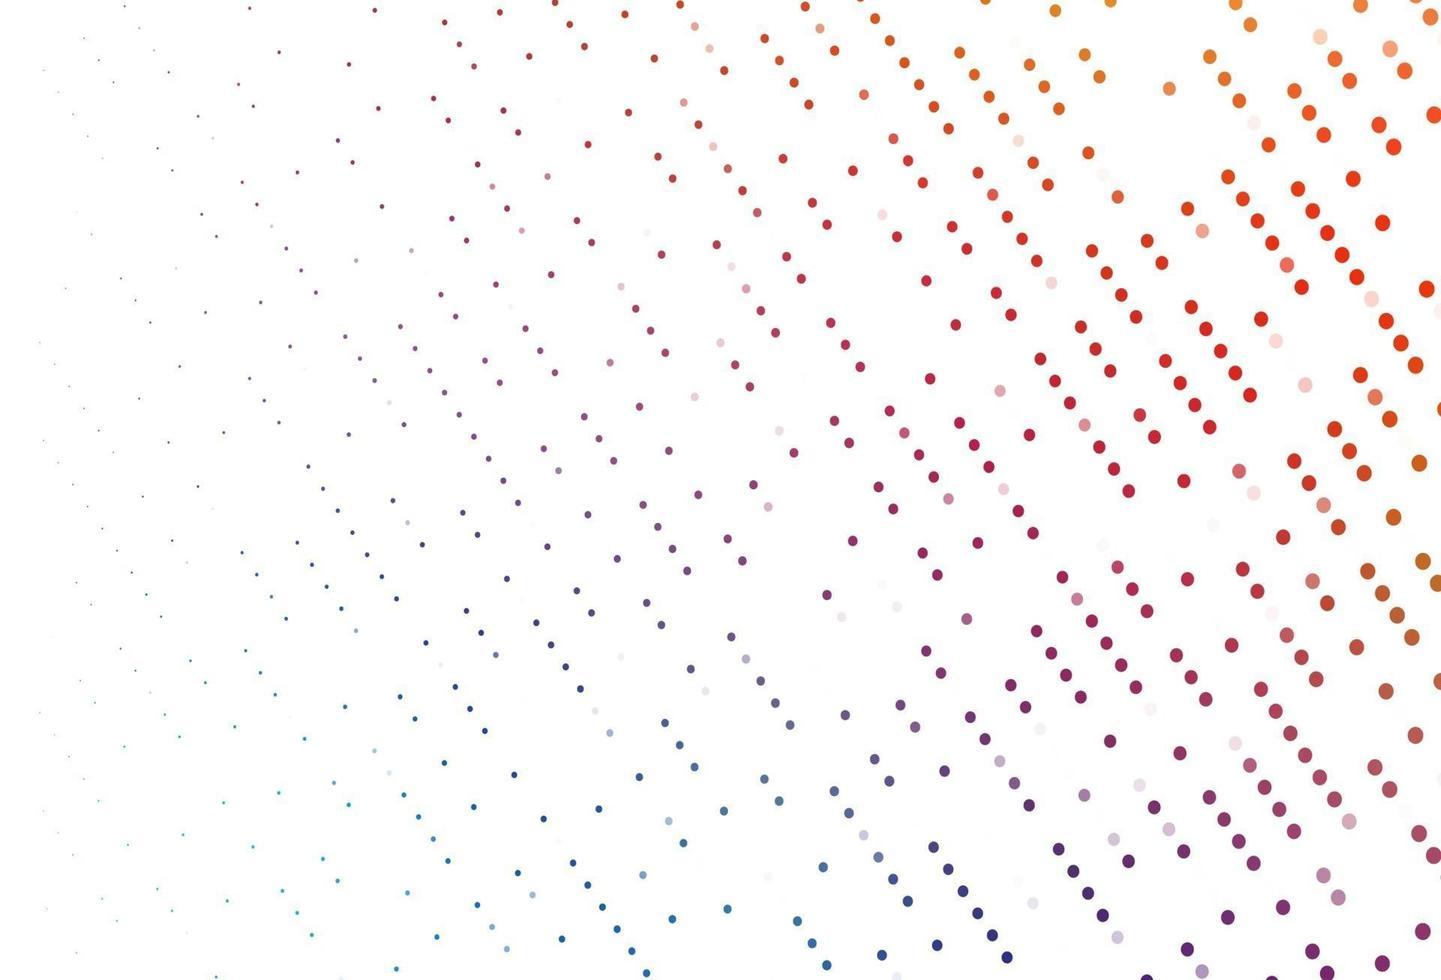 padrão de vetor azul e vermelho claro com esferas.